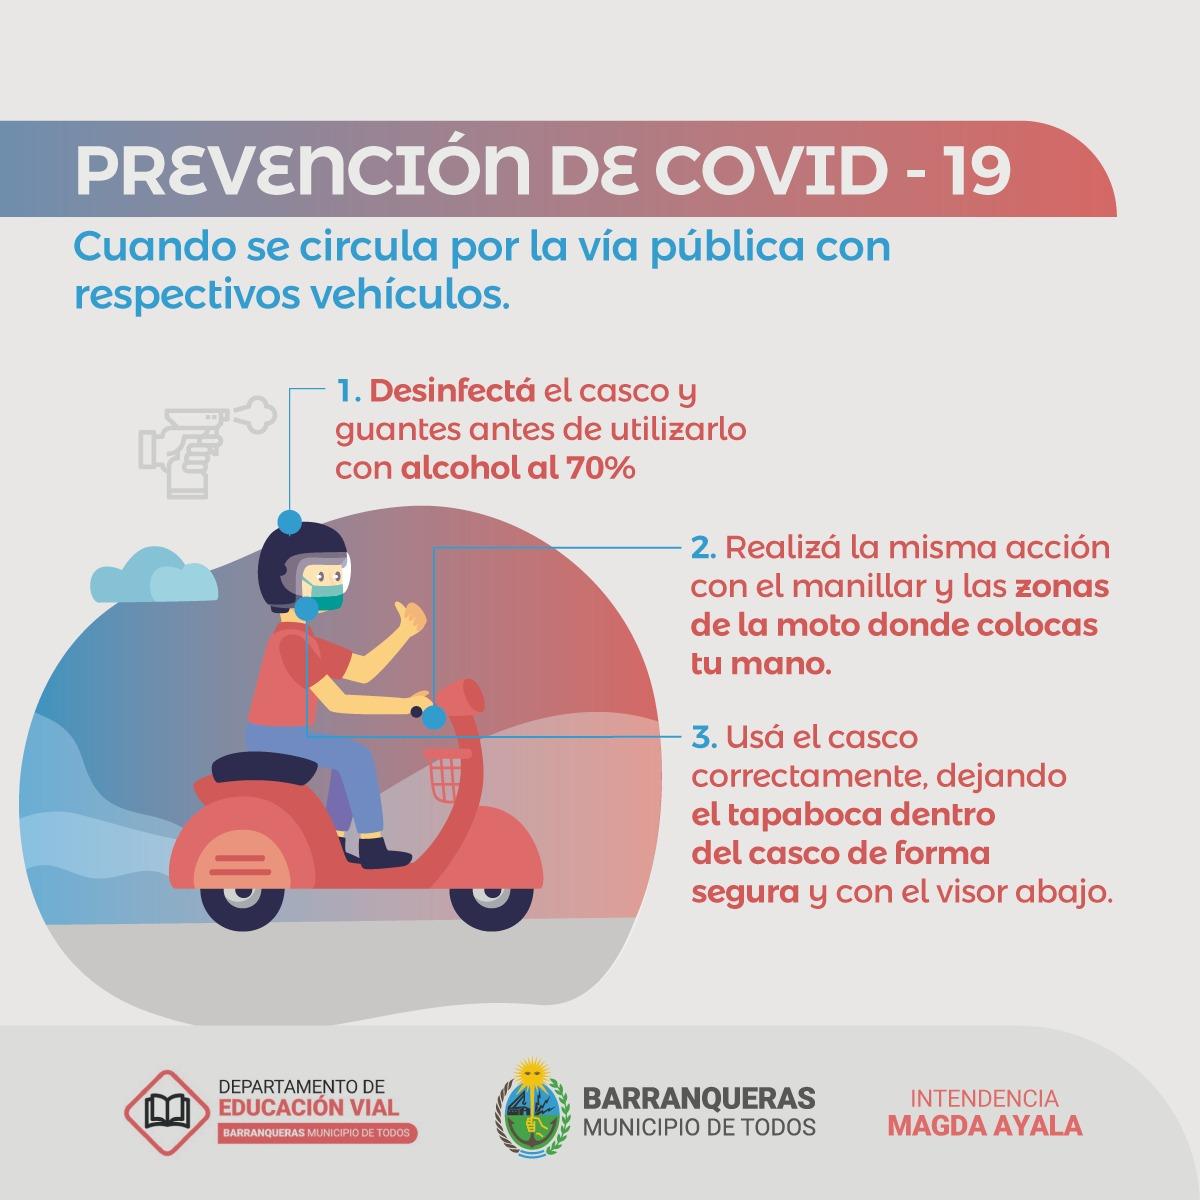 Barranqueras: Municipio brinda información sobre seguridad vial y protocolos sanitarios en conductores de motovehículos